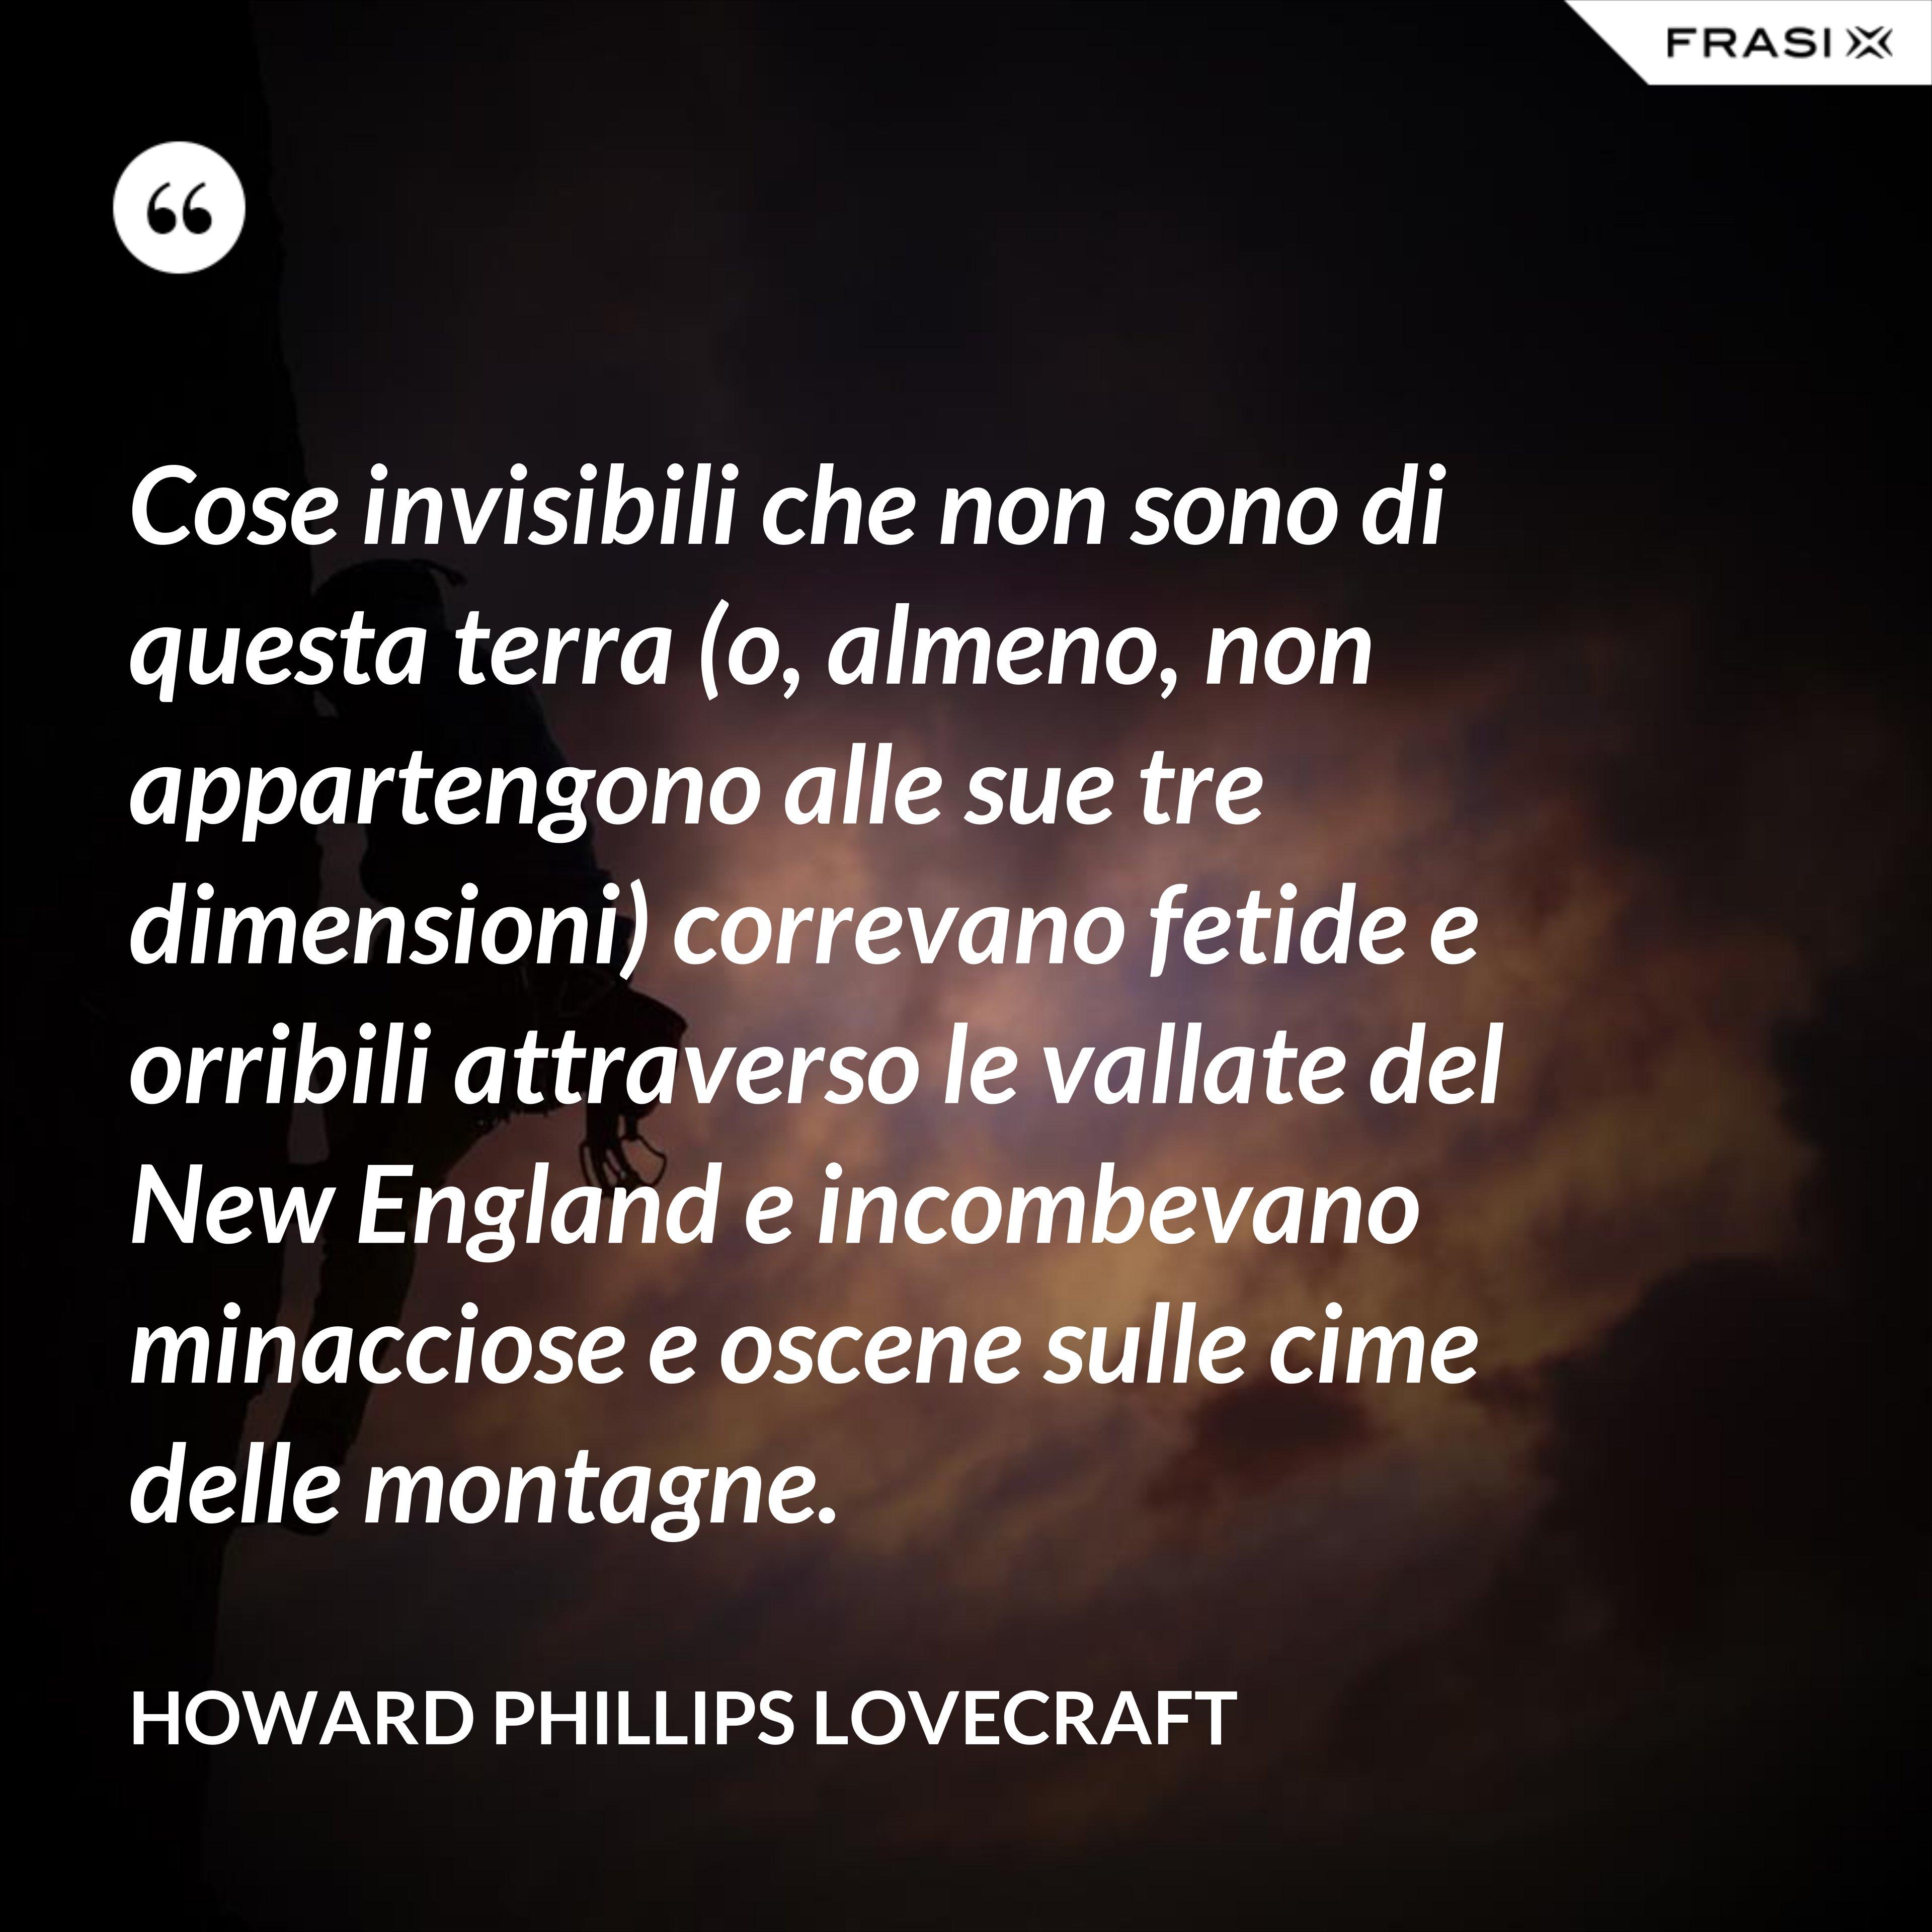 Cose invisibili che non sono di questa terra (o, almeno, non appartengono alle sue tre dimensioni) correvano fetide e orribili attraverso le vallate del New England e incombevano minacciose e oscene sulle cime delle montagne. - Howard Phillips Lovecraft